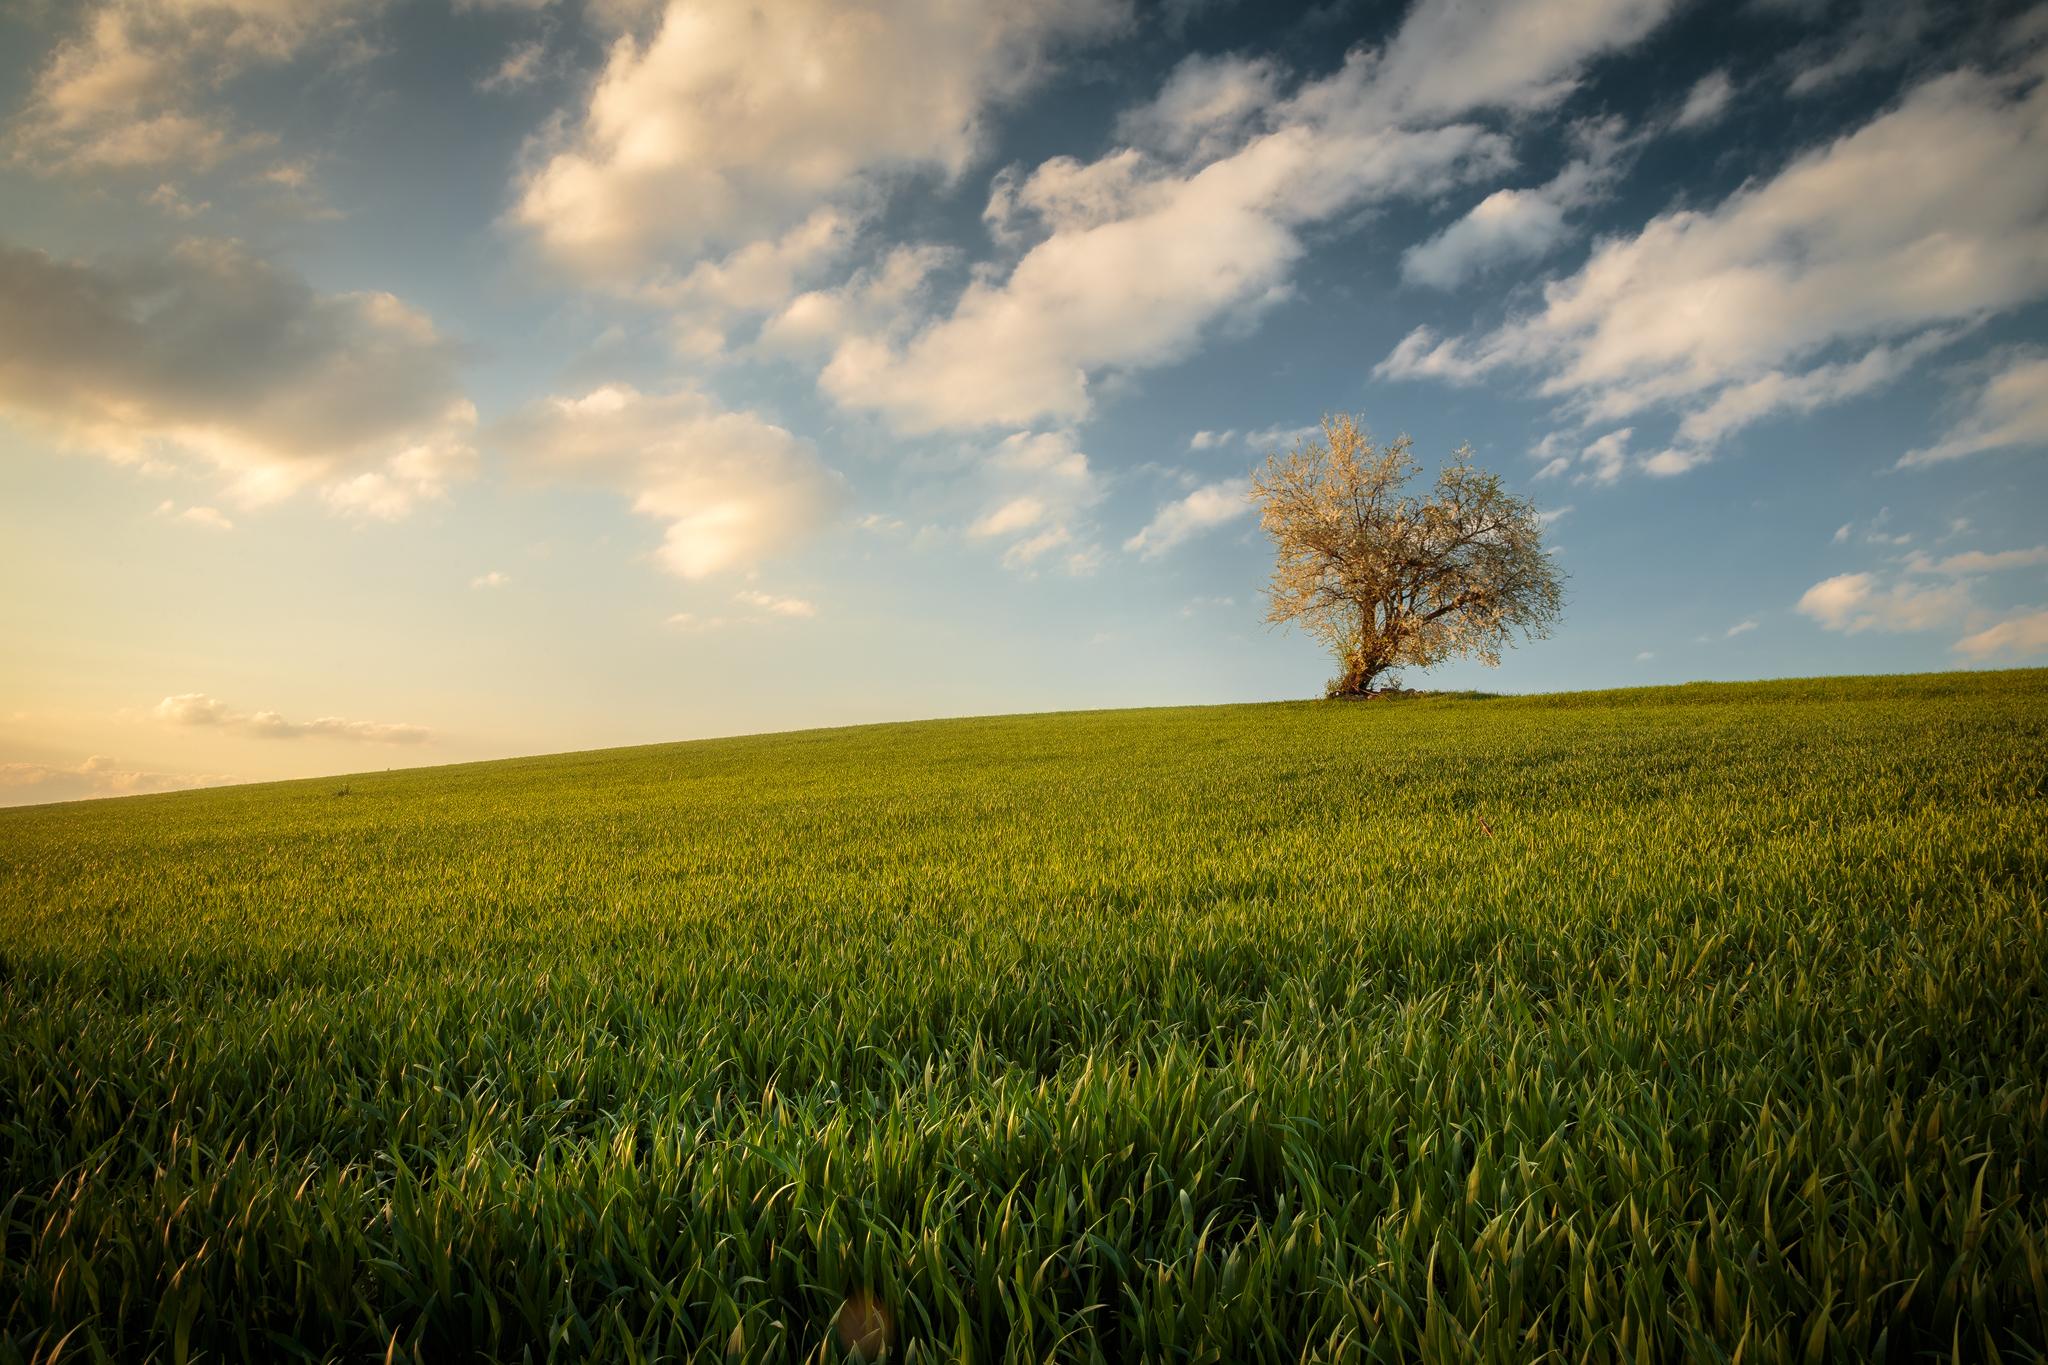 Single tree on a field, Germany